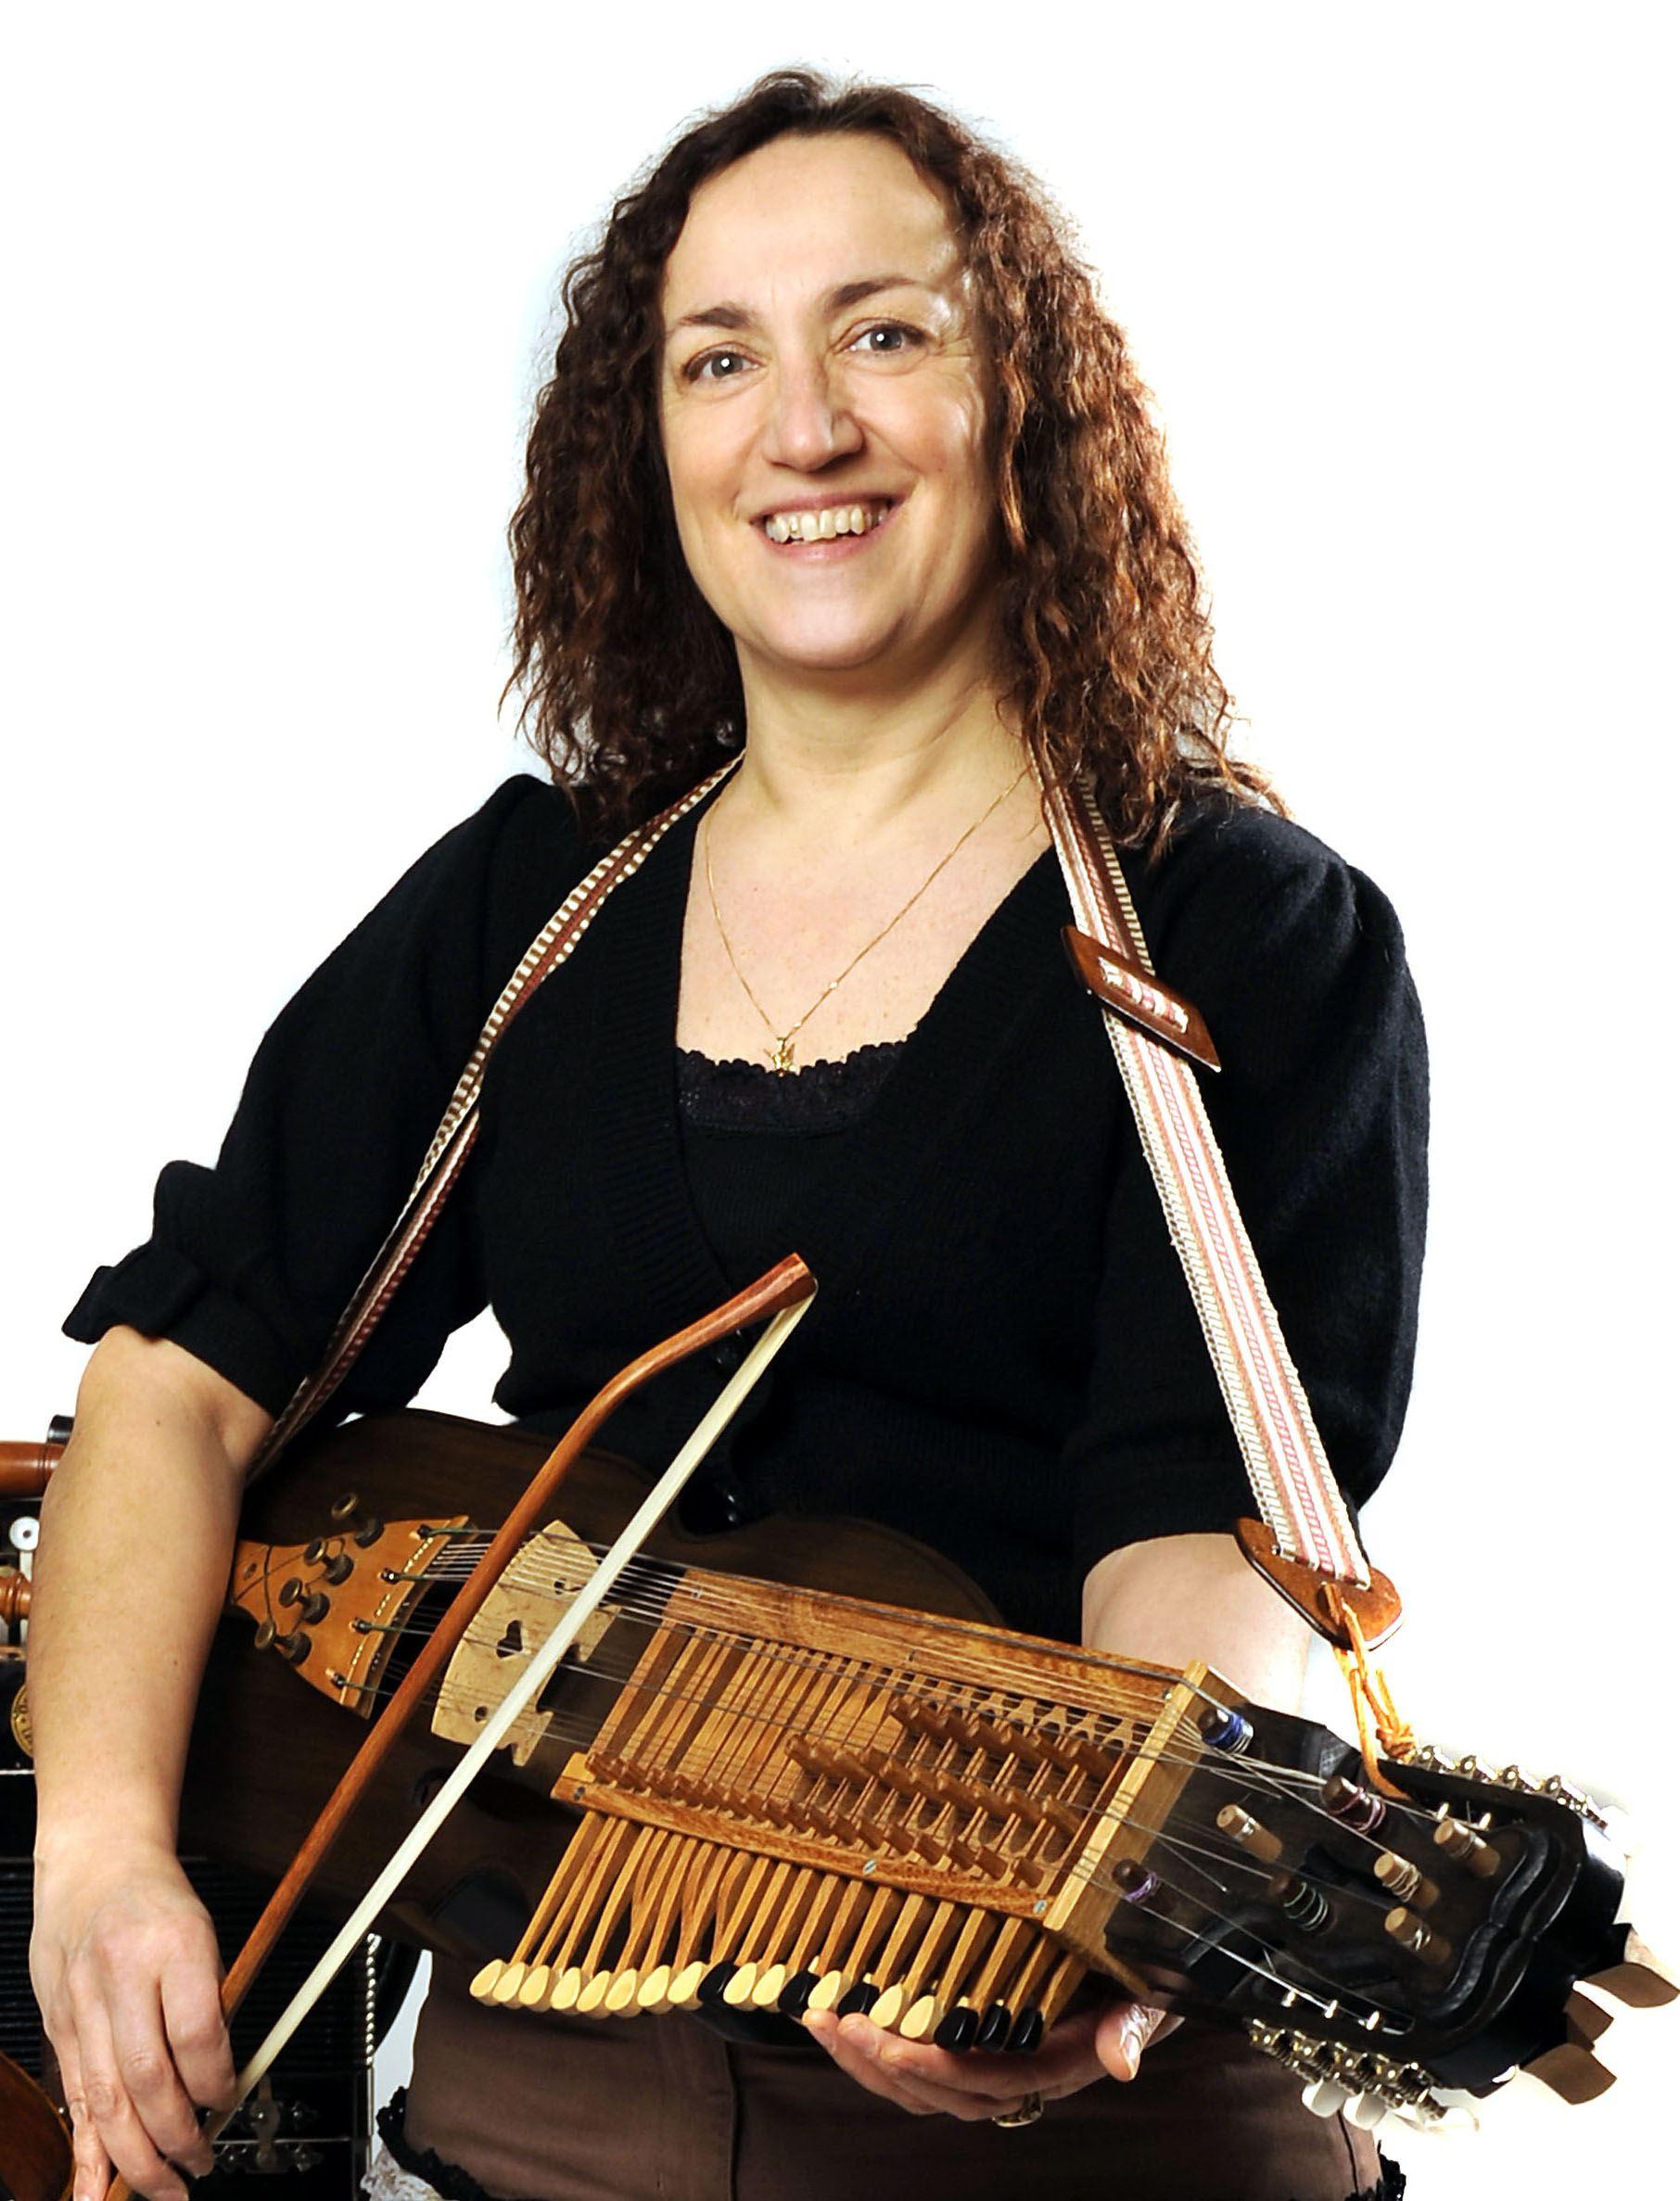 Föreläsning och musik med Sabina Henriksson